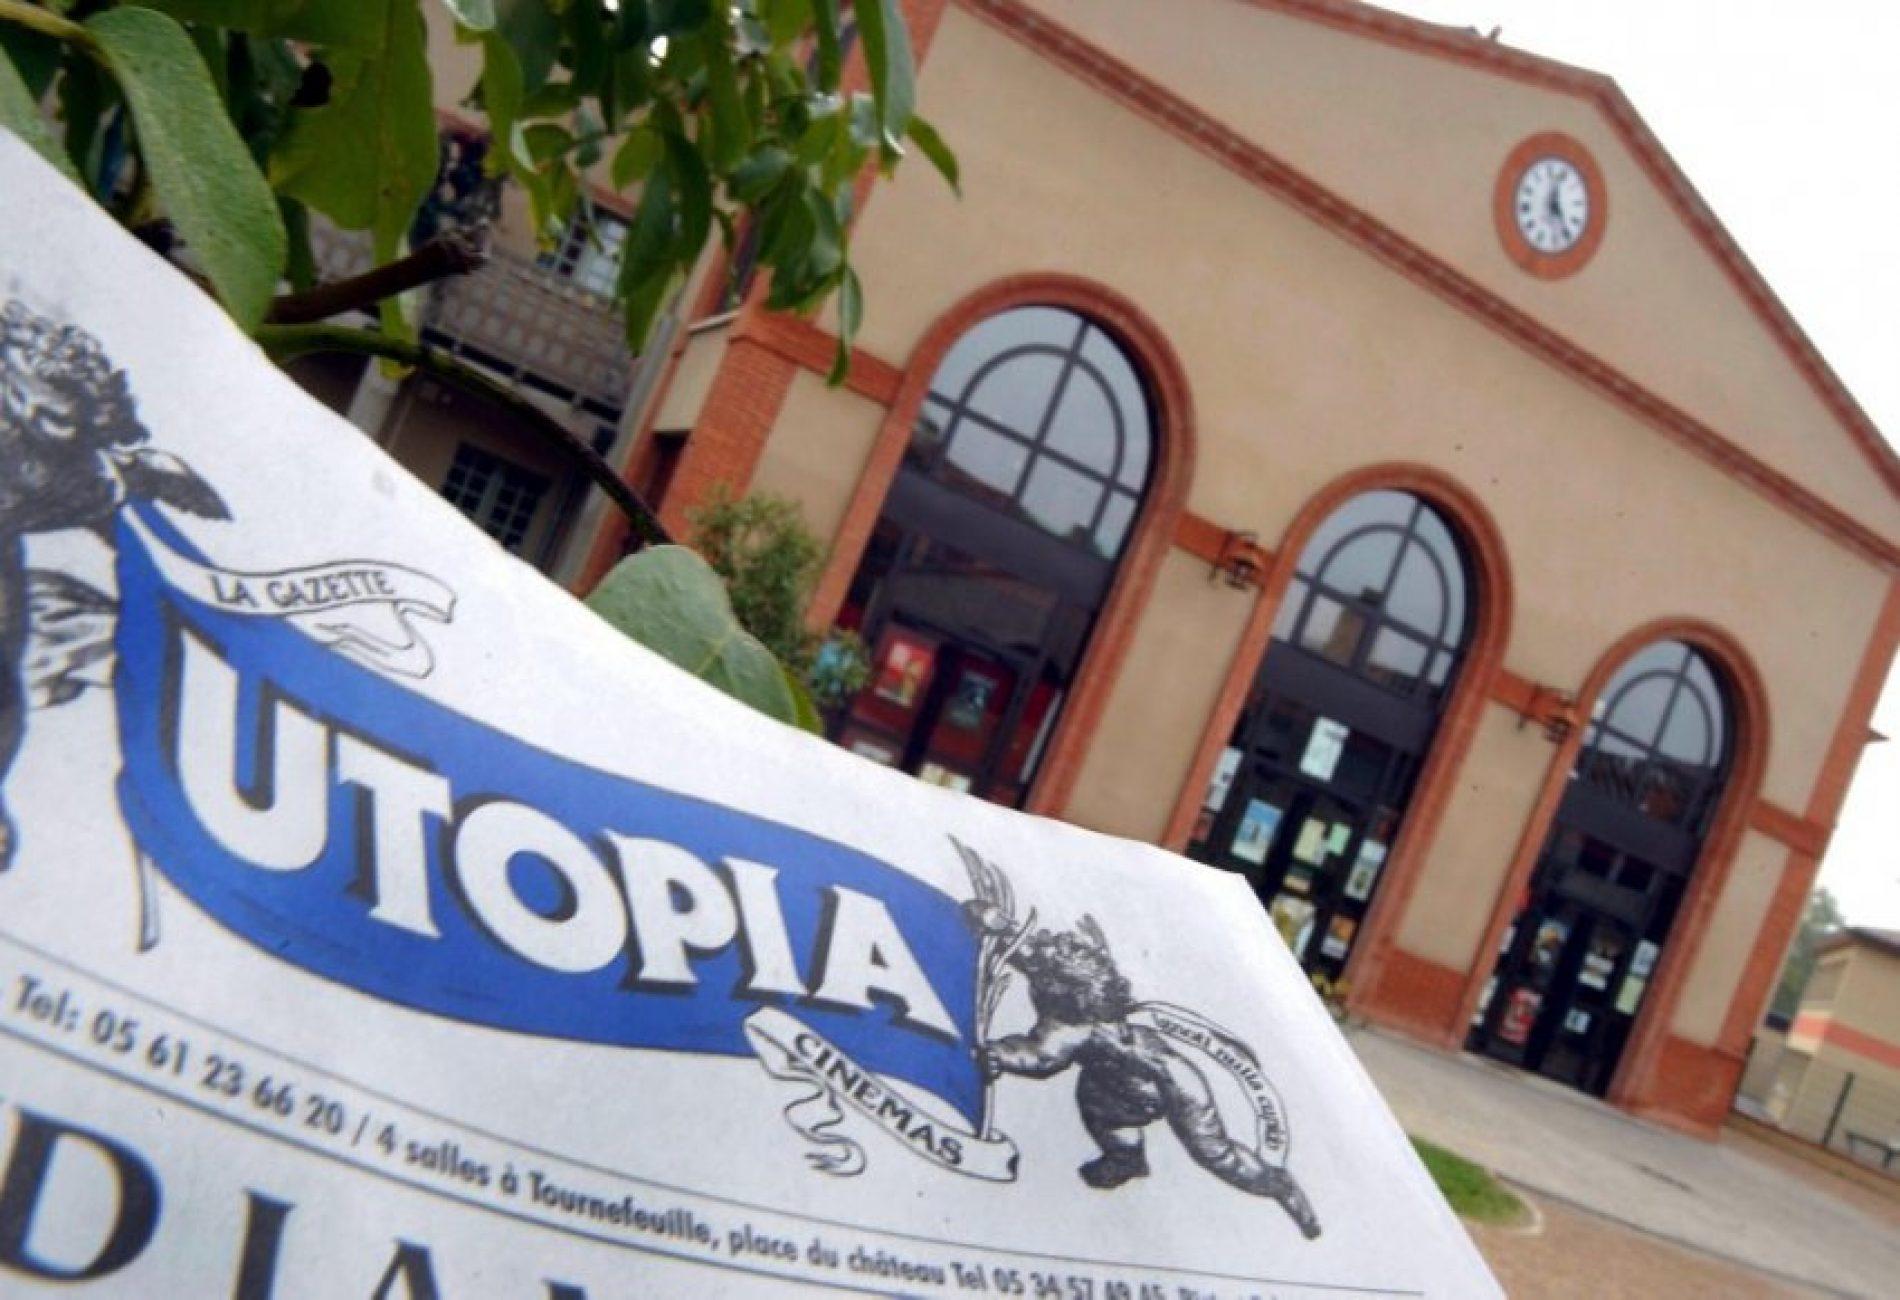 Marché Philistin à l'Utopia Toulouse